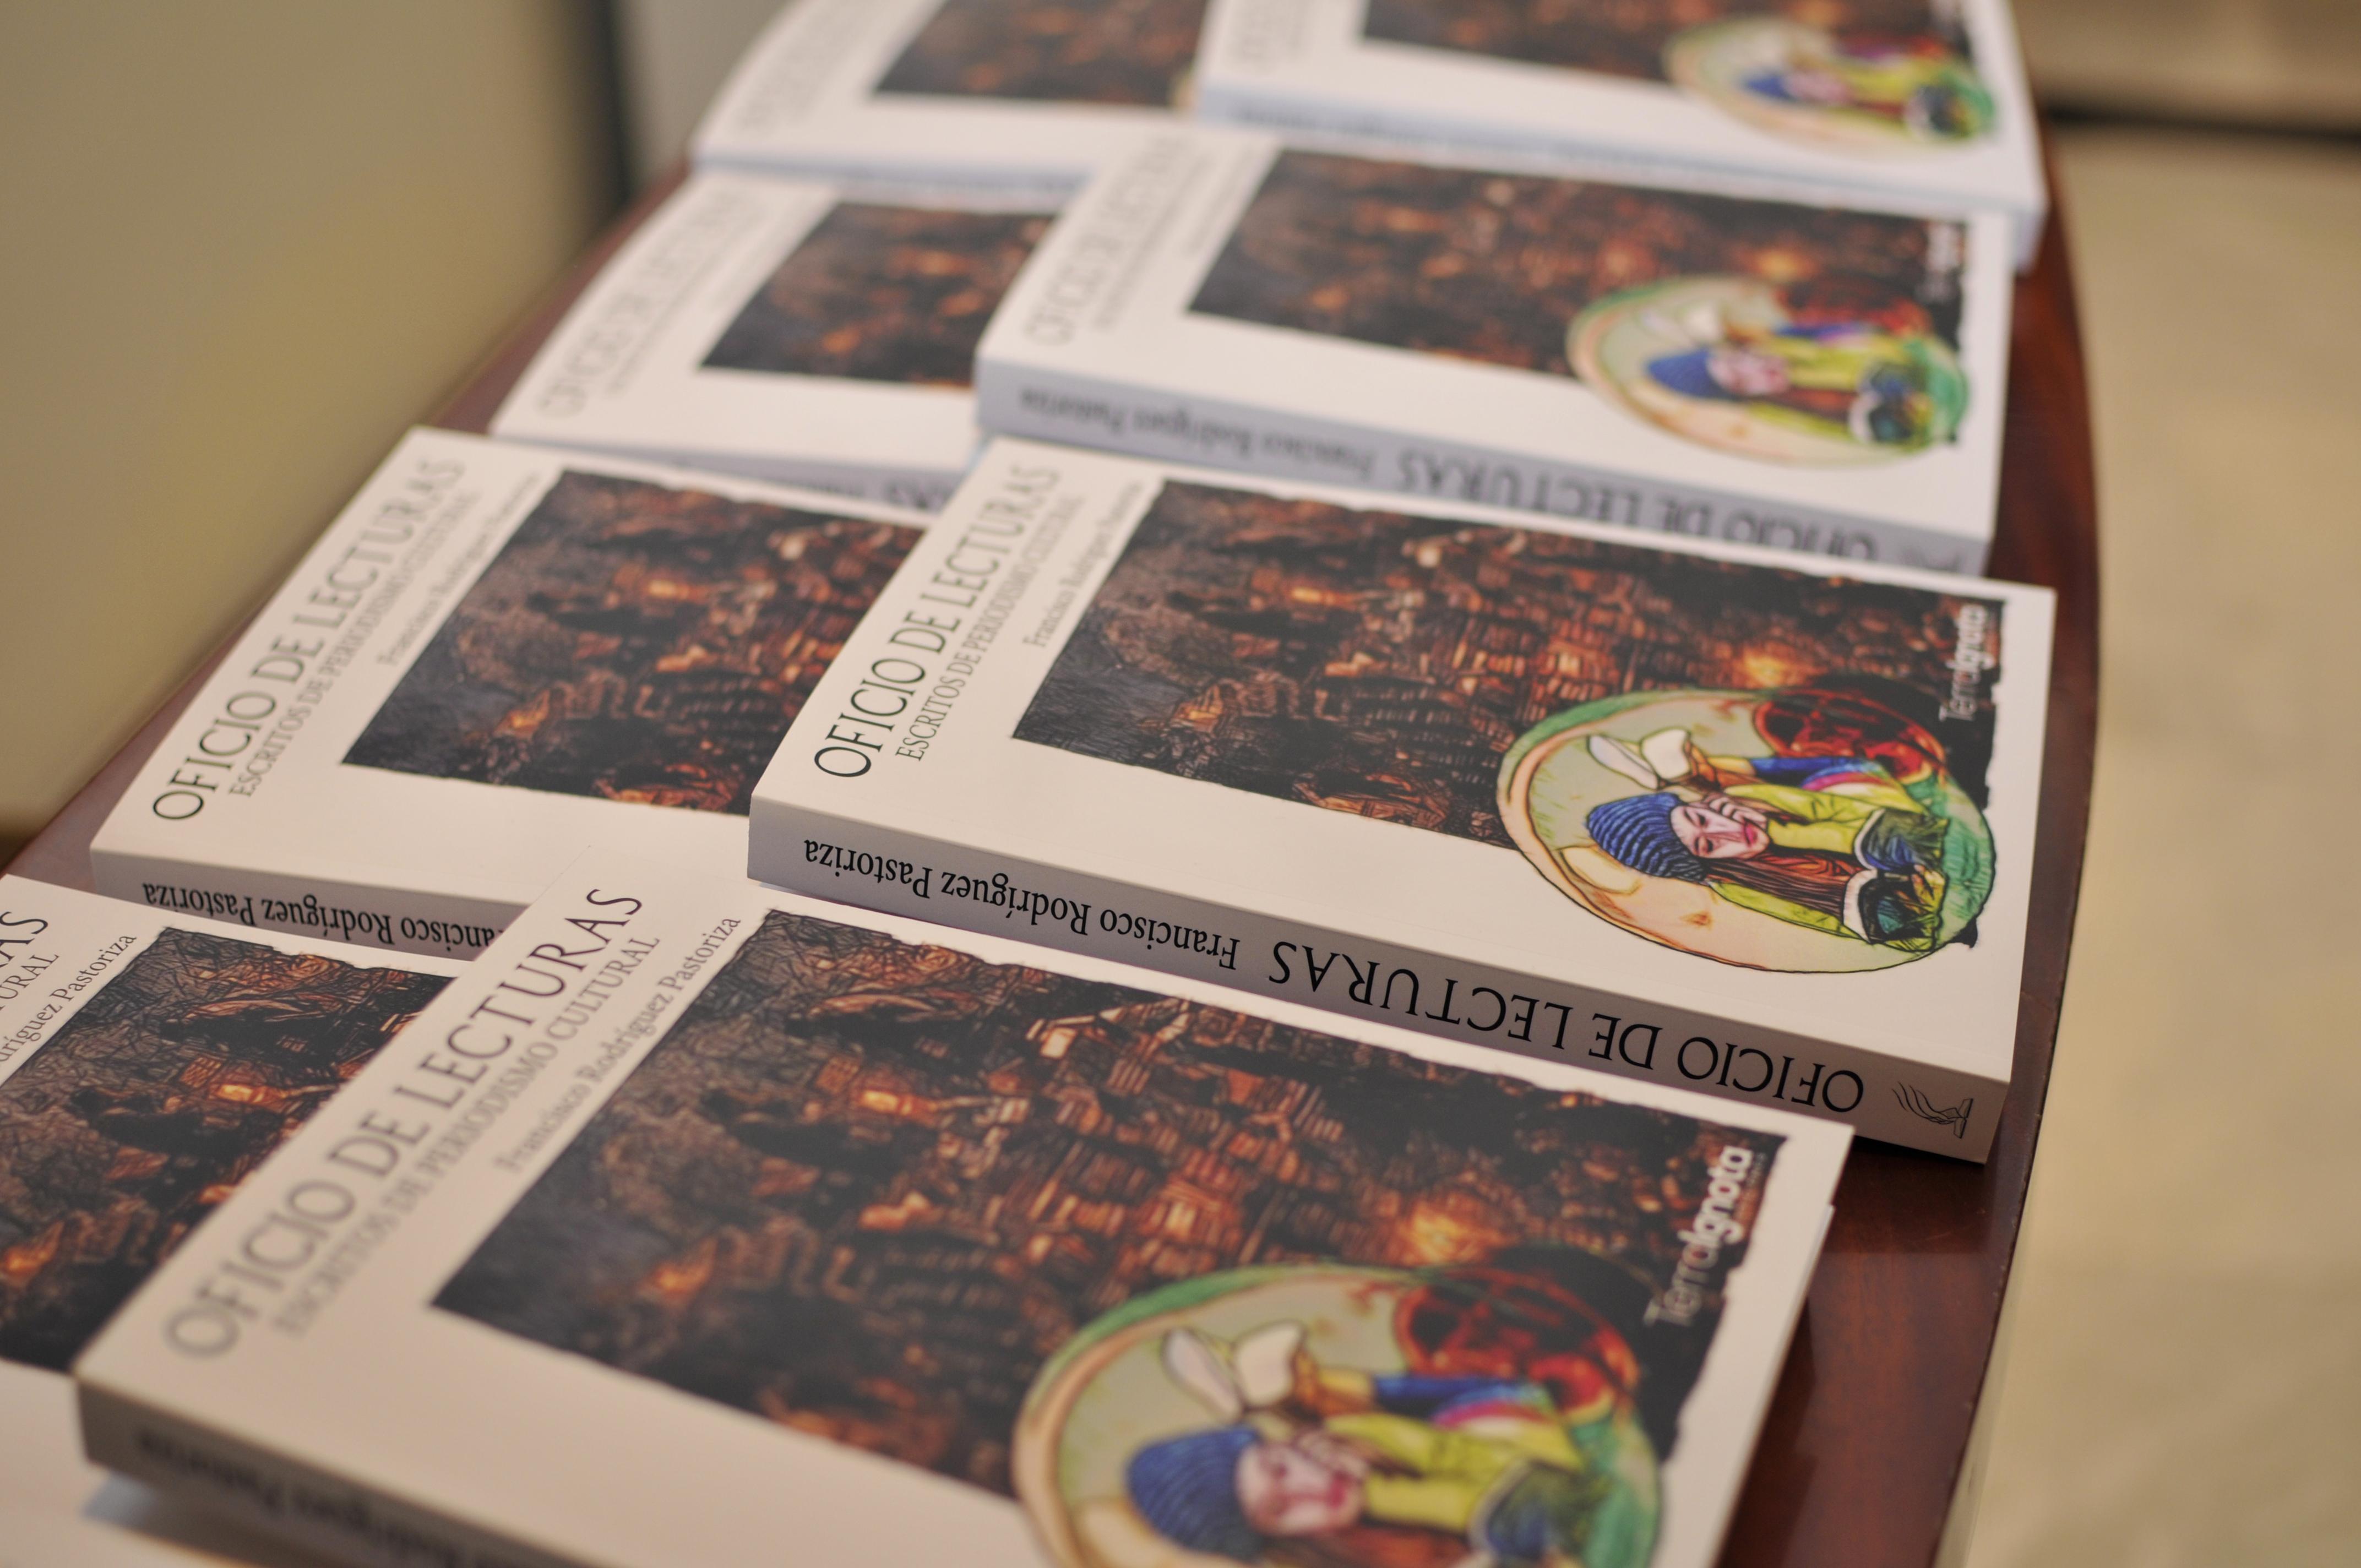 Publicar-un-libro-editar-Madrid-Barcelona-cataluña-españa-català-Andalucia-coedicion-autoedicion-paco-buyo-el-chiringuito-josep-pedrerol-oficio-de-lecturas-8